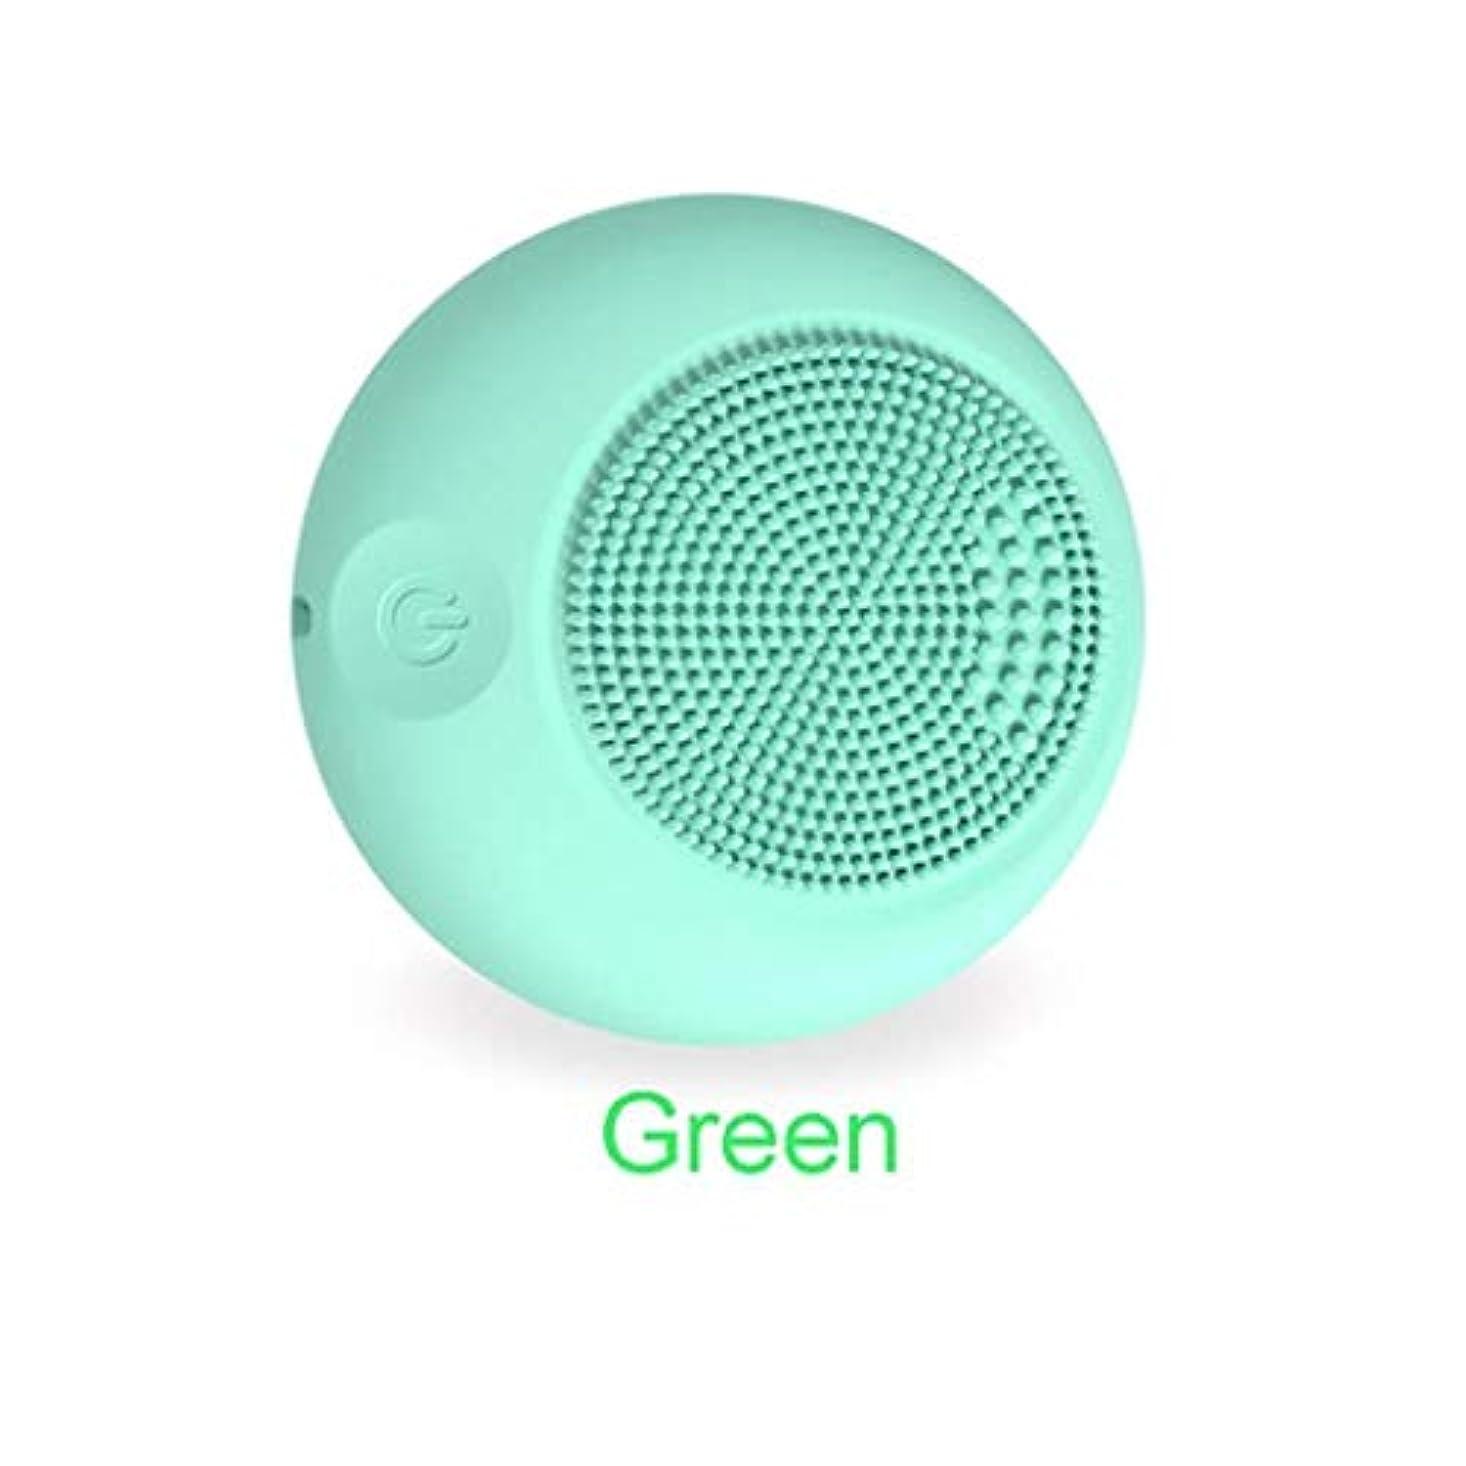 計算する軍団ネックレスクレンジングブラシ、電動フェイシャルマッサージ、振動シリコンフェイシャルディープクリーン電気防水マッサージクレンザー (Color : 緑)